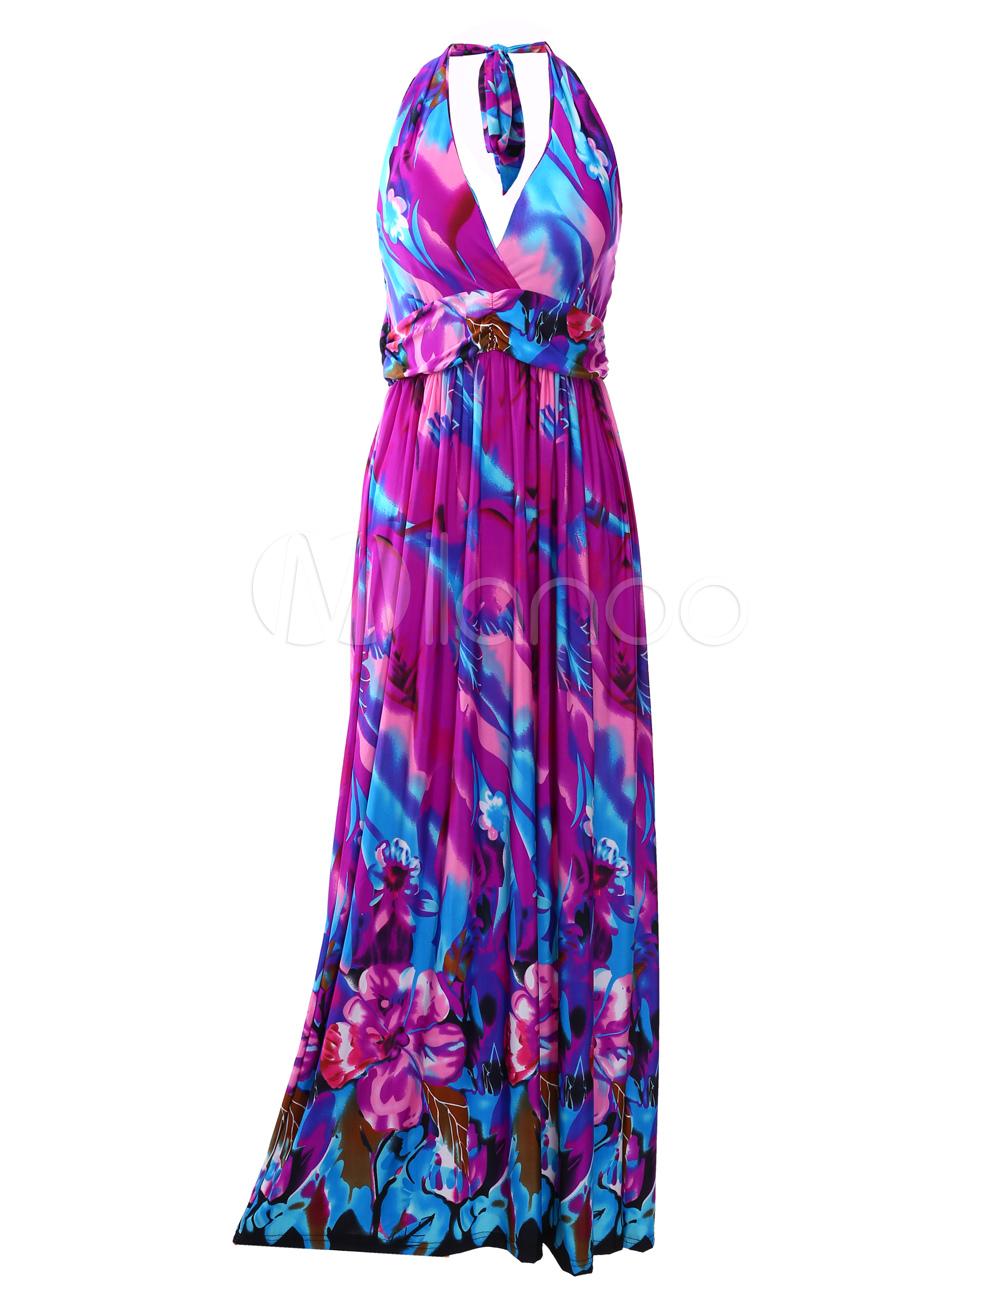 Vestido largo escote halter estampado de flores - Milanoo.com